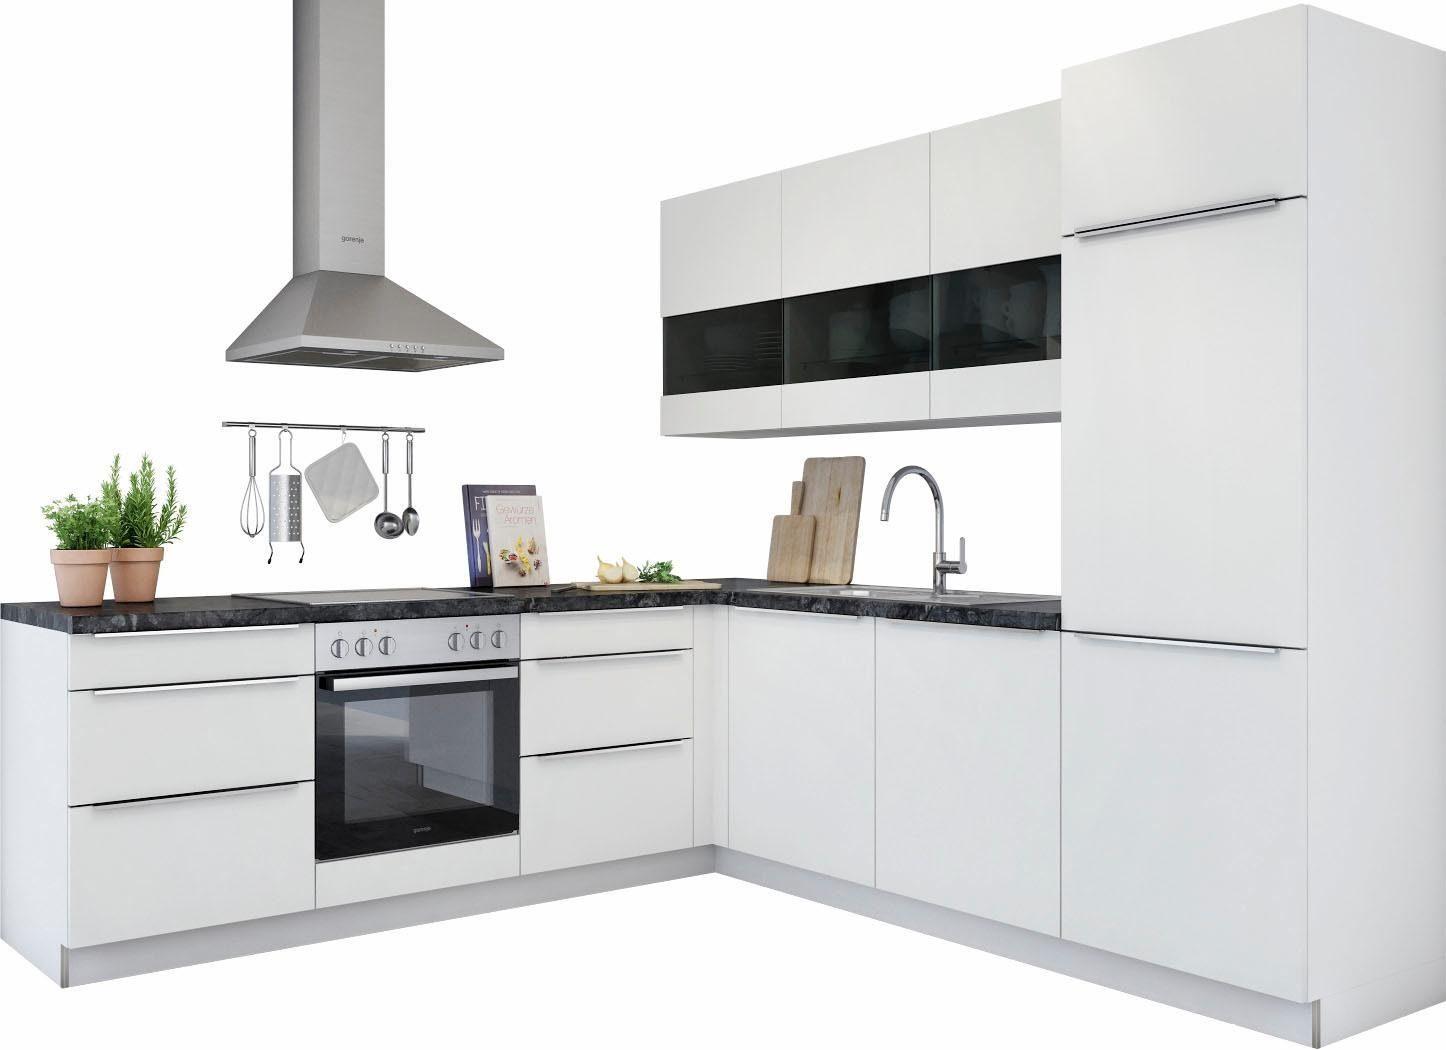 Kleine Küche Ohne E Geräte ~ set one by musterring winkelküche ohne e geräte lucca , breite 245×245 cm online kaufen otto